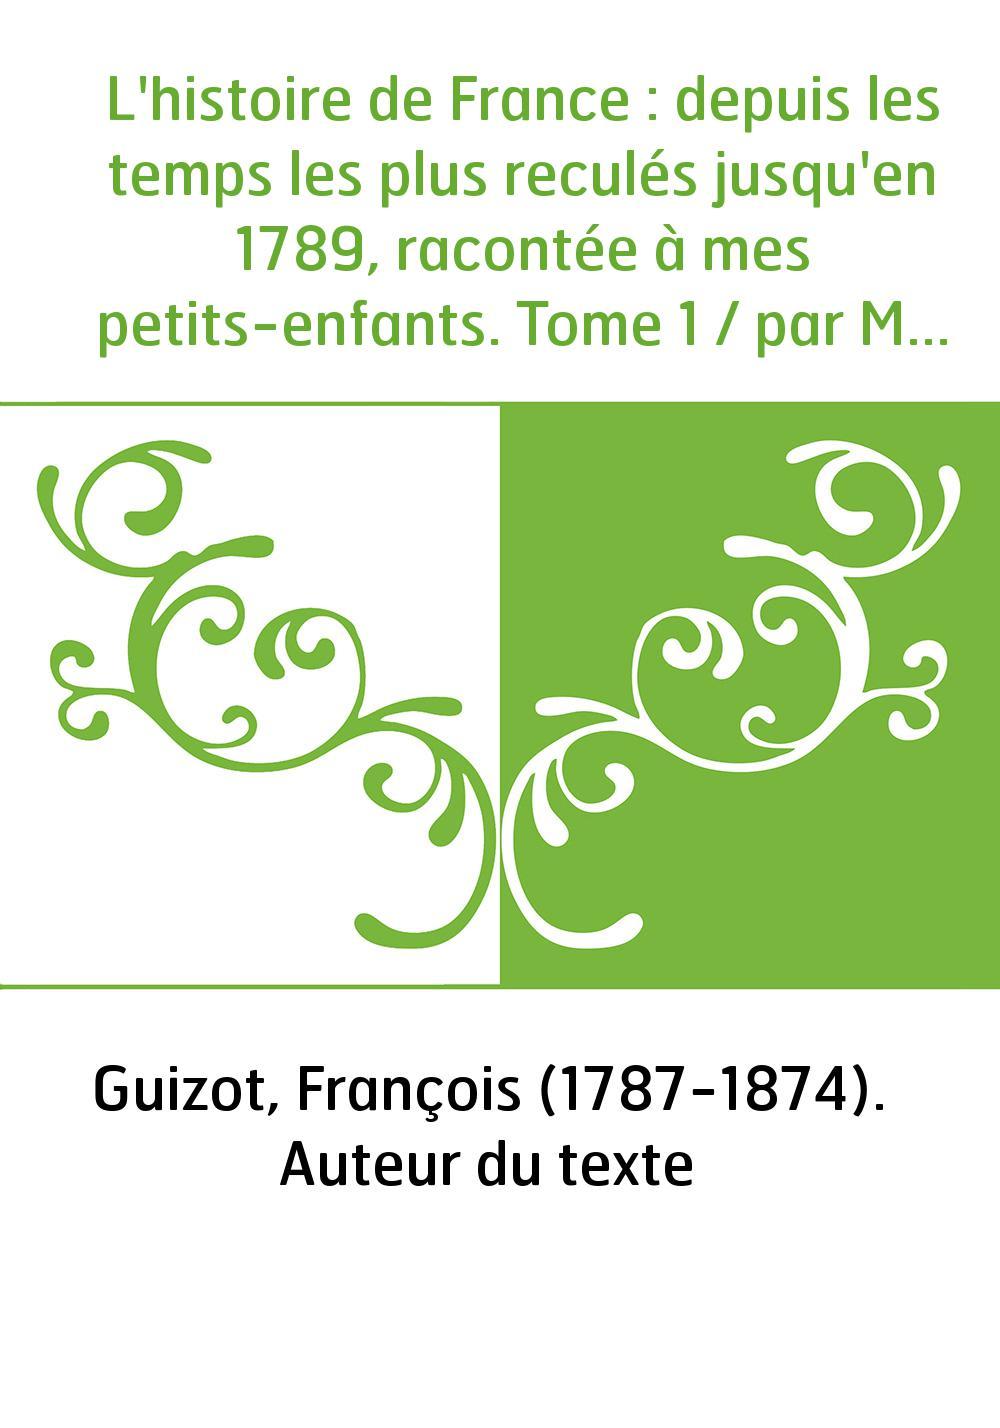 L'histoire de France : depuis les temps les plus reculés jusqu'en 1789, racontée à mes petits-enfants. Tome 1 / par M. Guizot